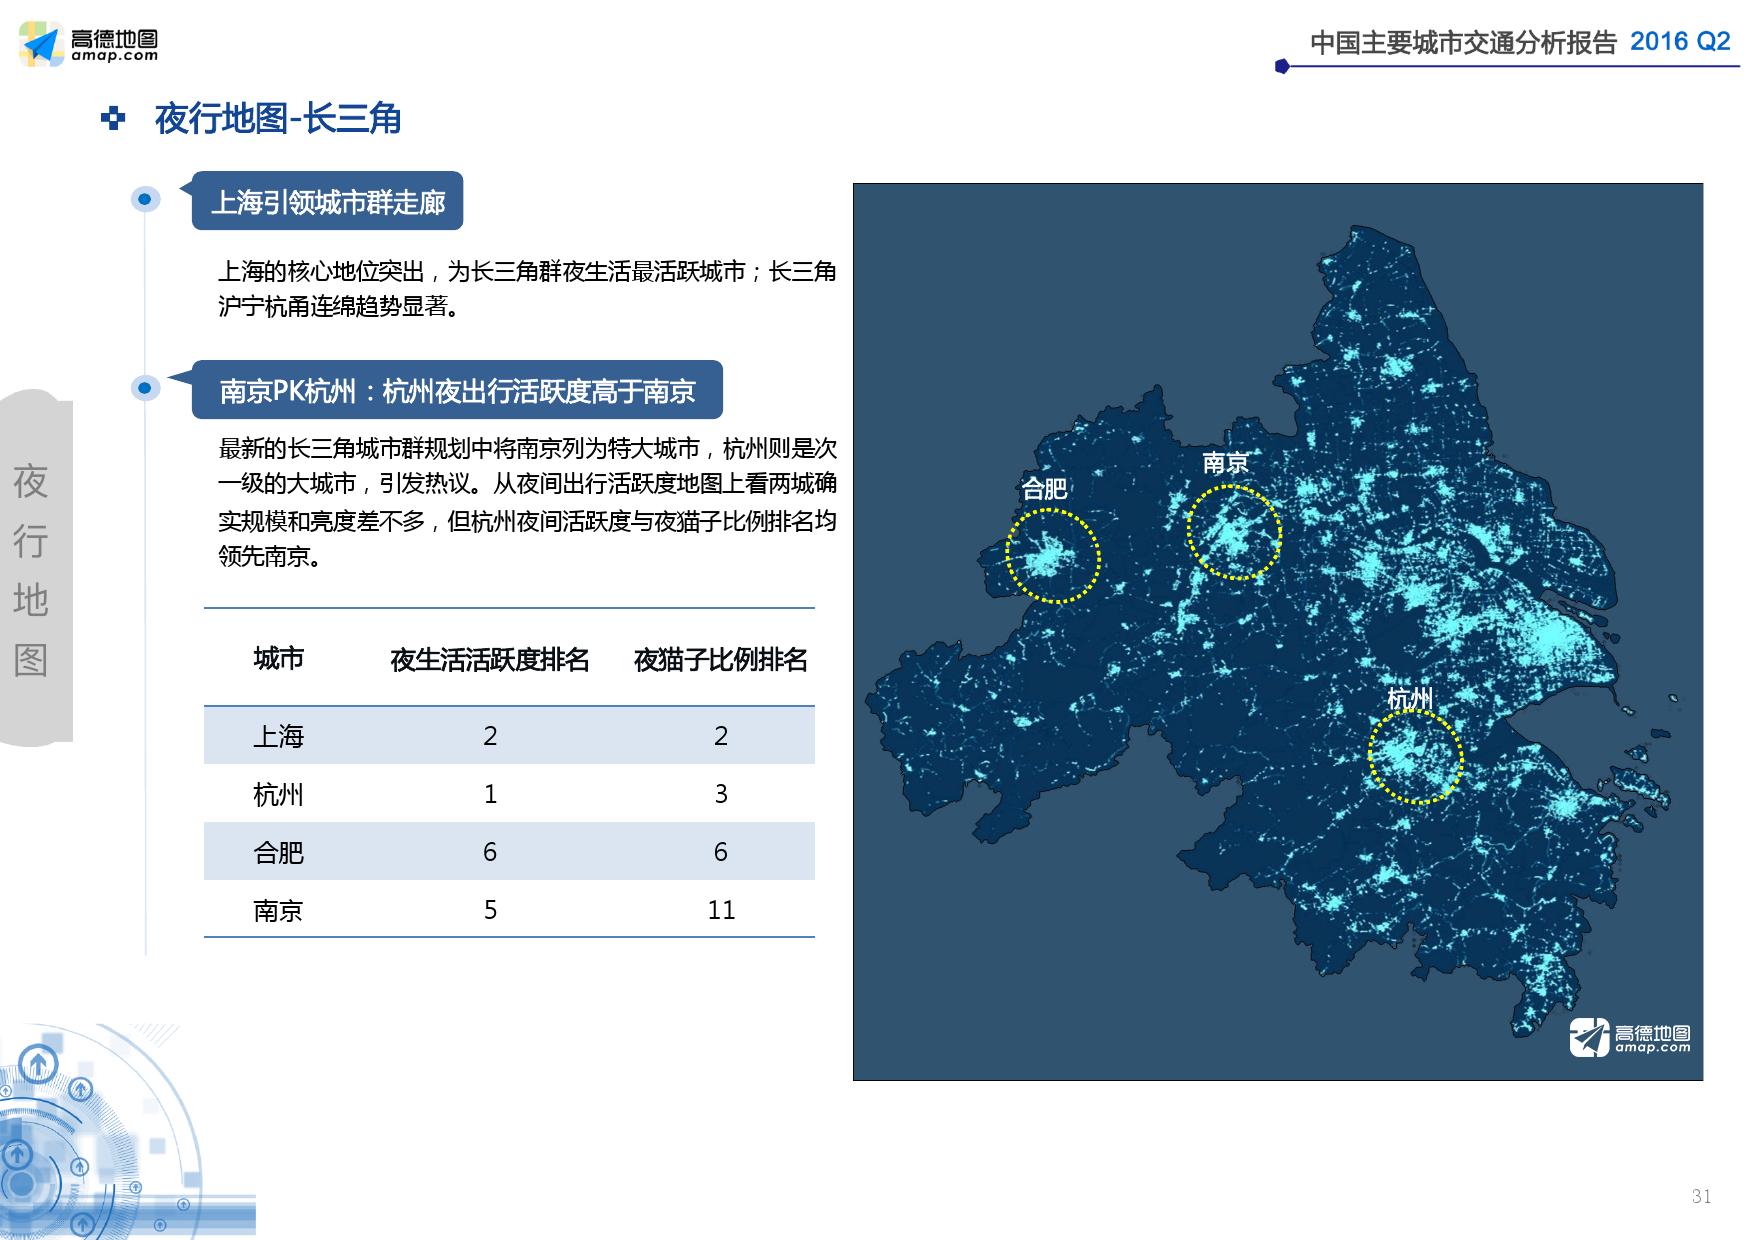 2016年Q2中国主要城市交通分析报告_000031